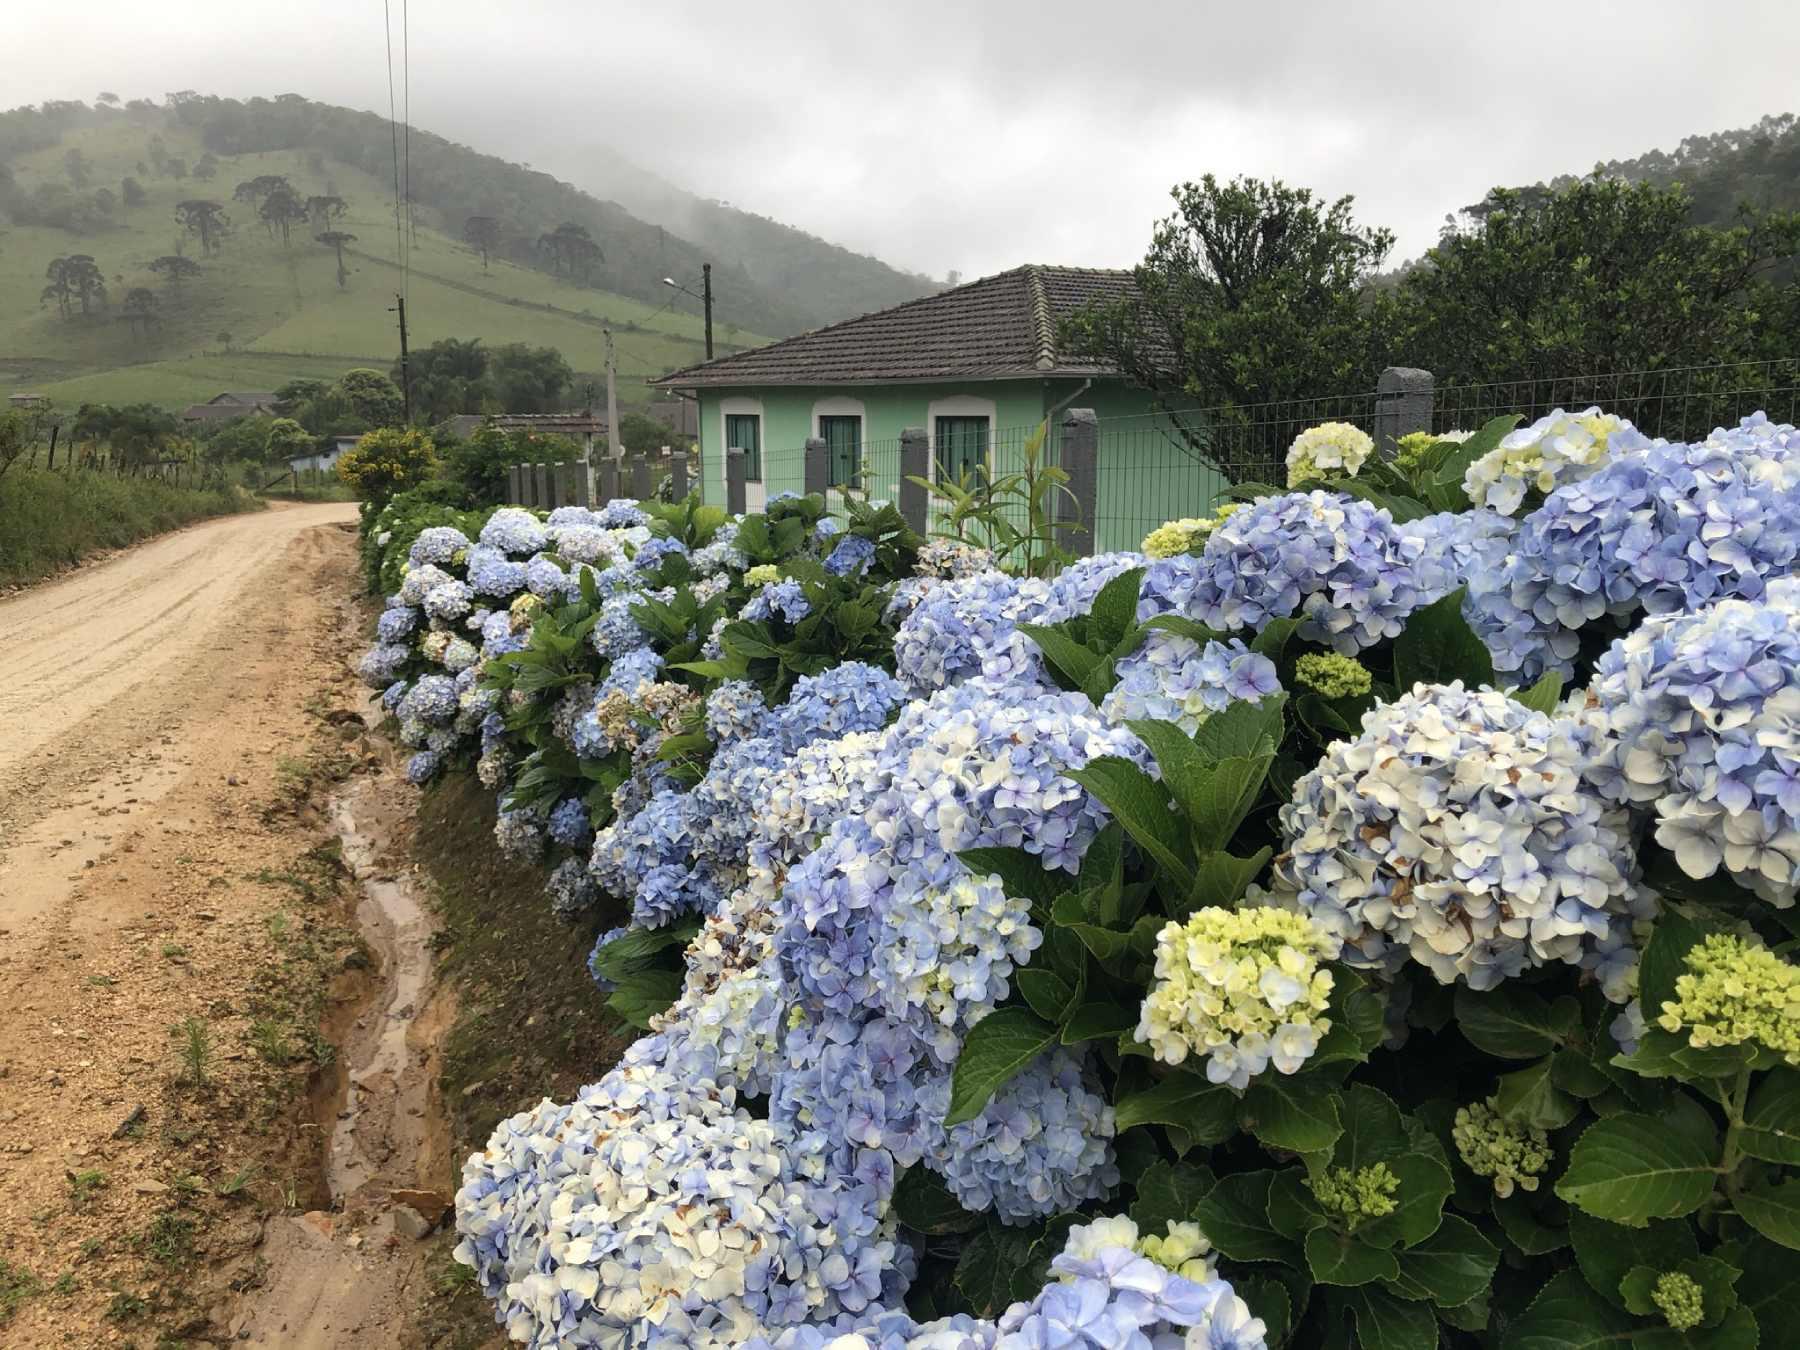 Flores no Caminho - Santa Catarina